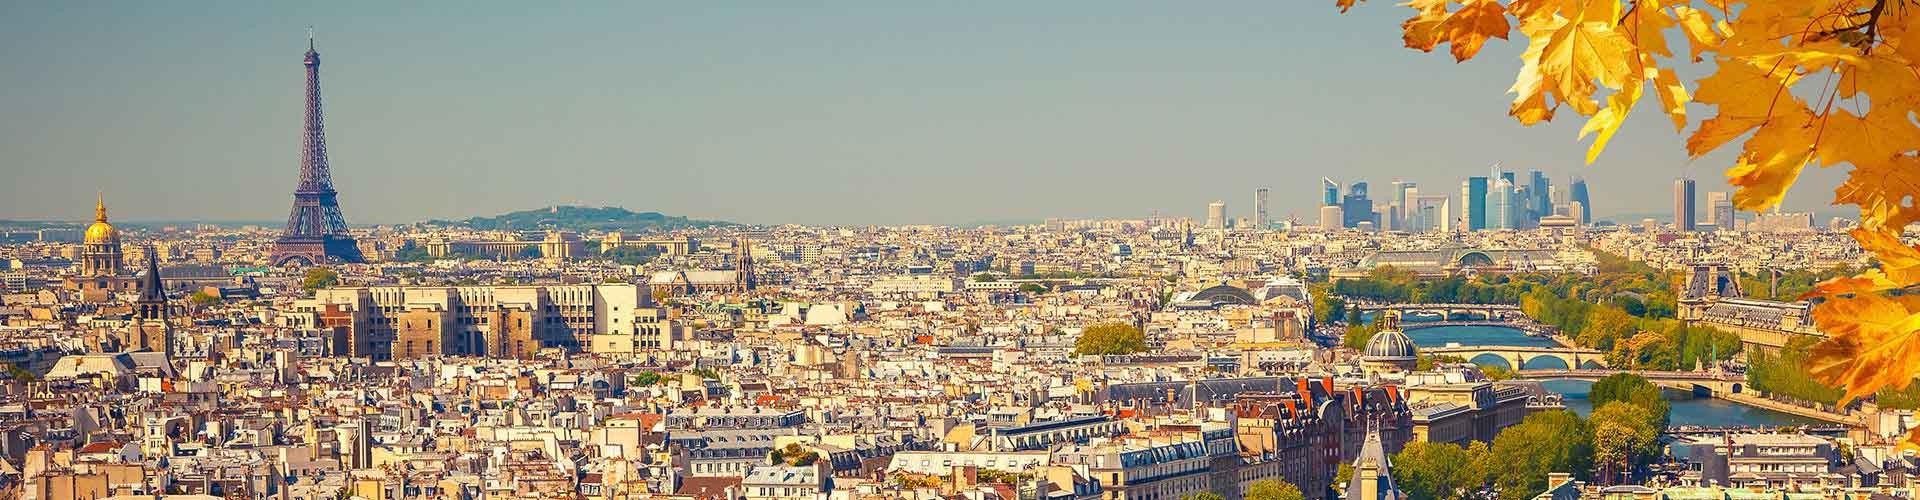 Paryż - Hostele w mieście: Paryż, Mapy: Paryż, Zdjęcia i Recenzje dla każdego hostelu w mieście Paryż.